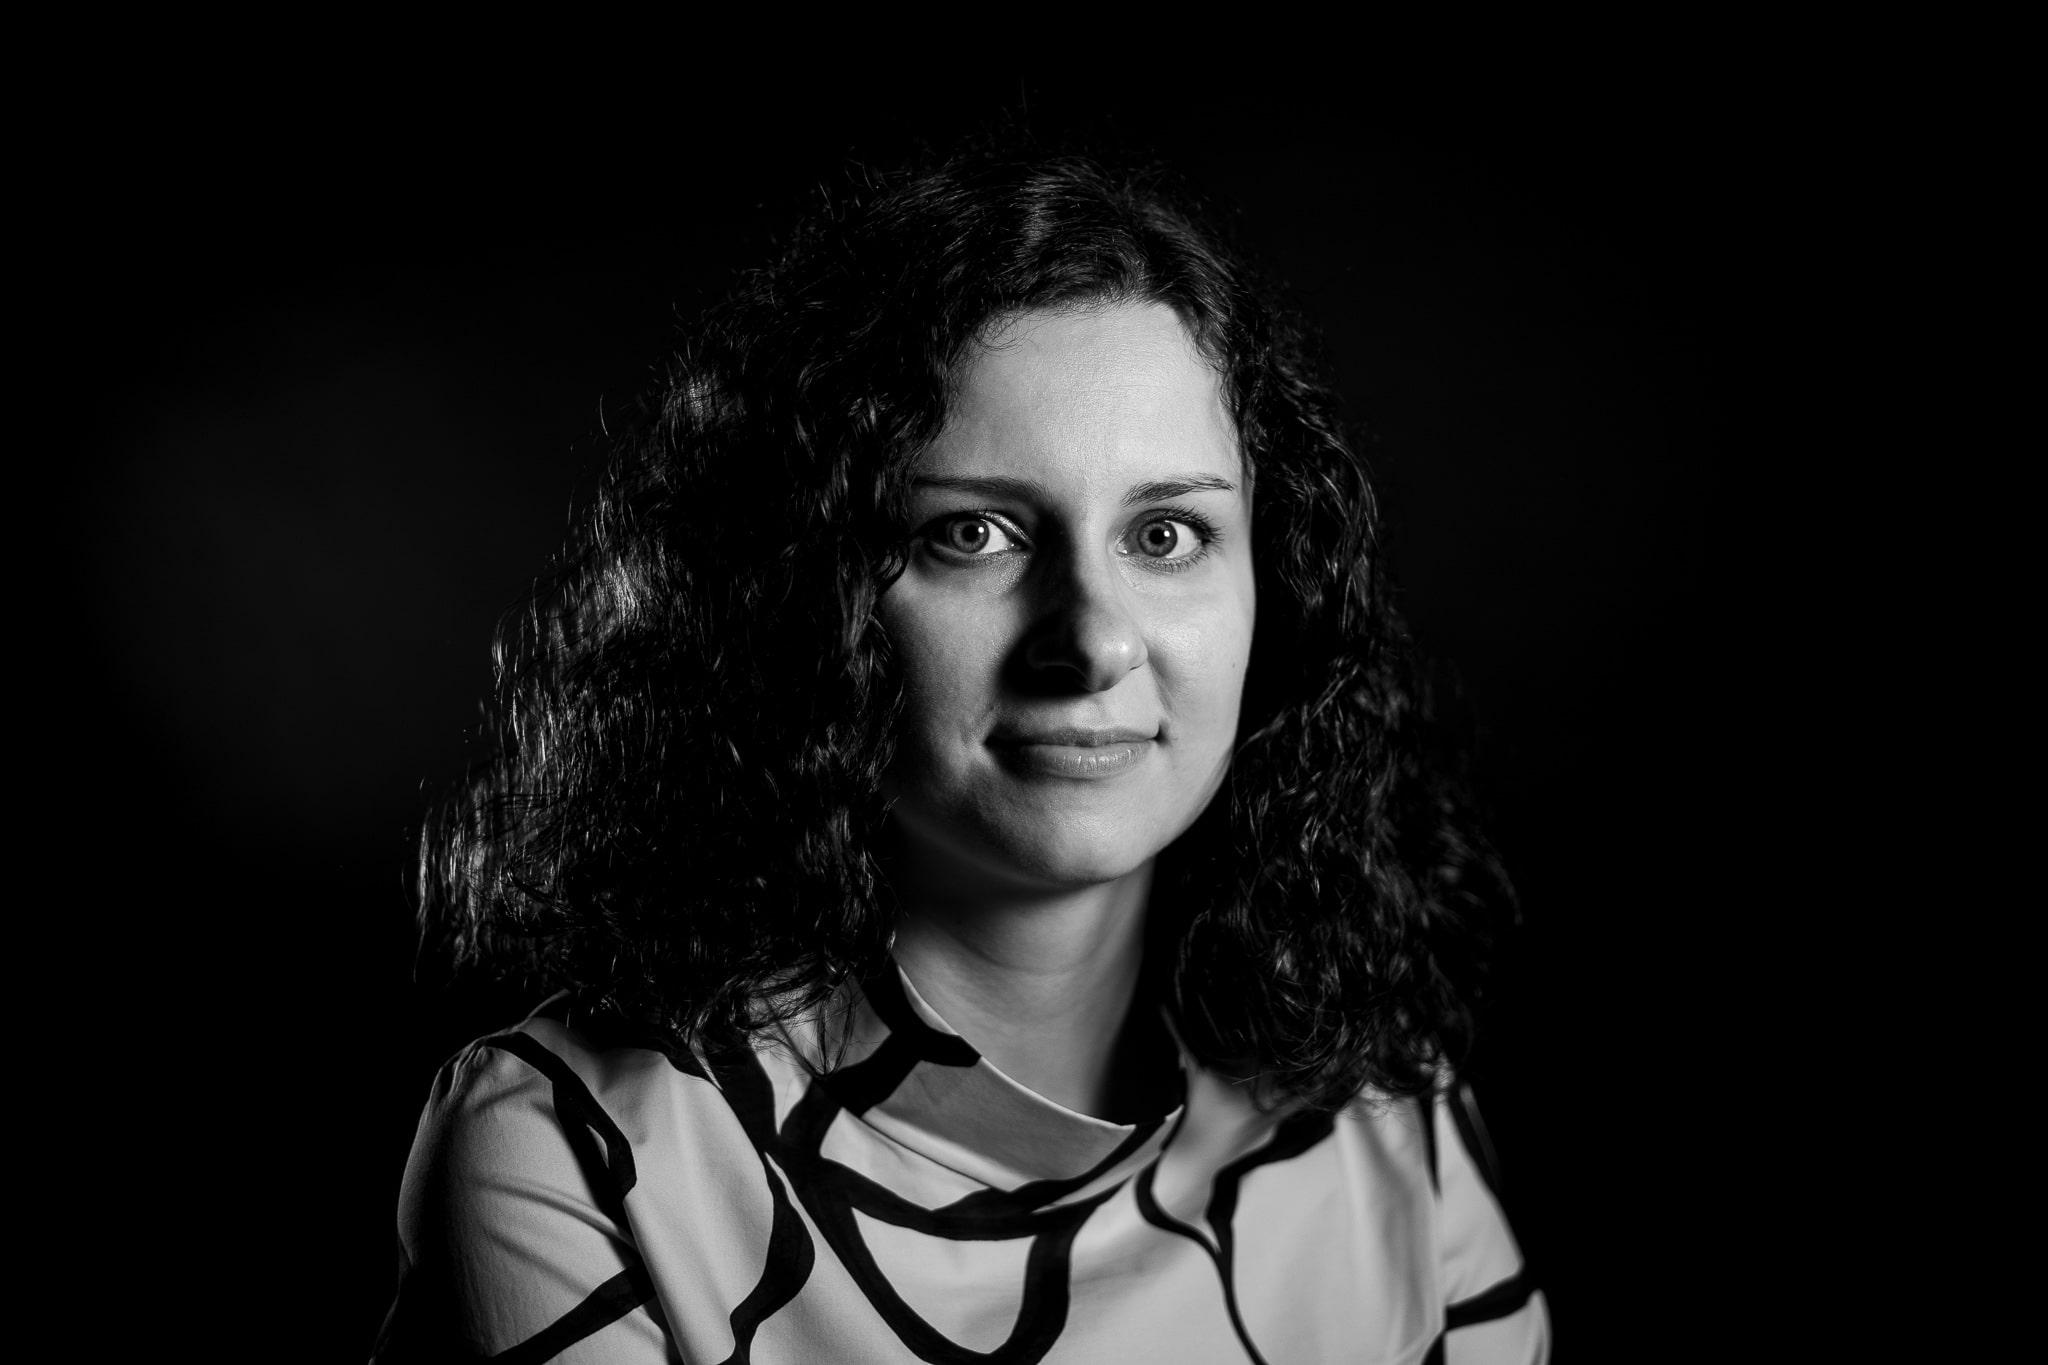 Iryna Chernyshevska